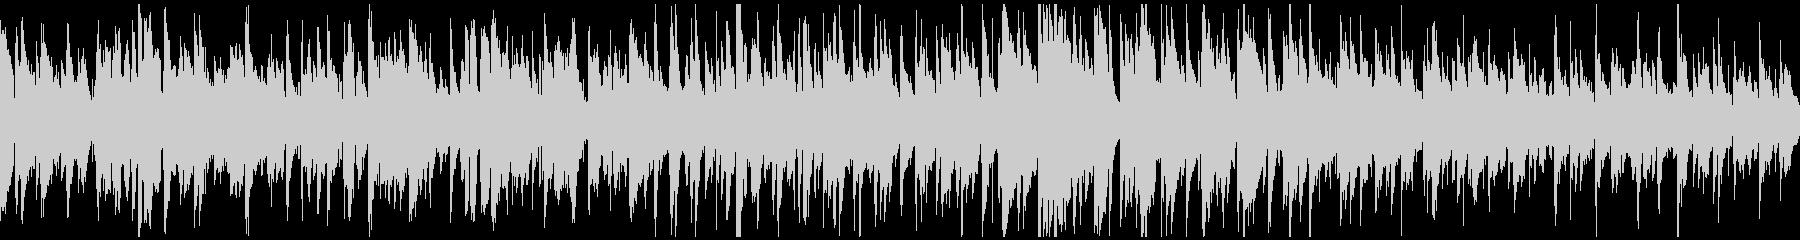 ピュアな雰囲気のボサノバジャズ※ループ版の未再生の波形